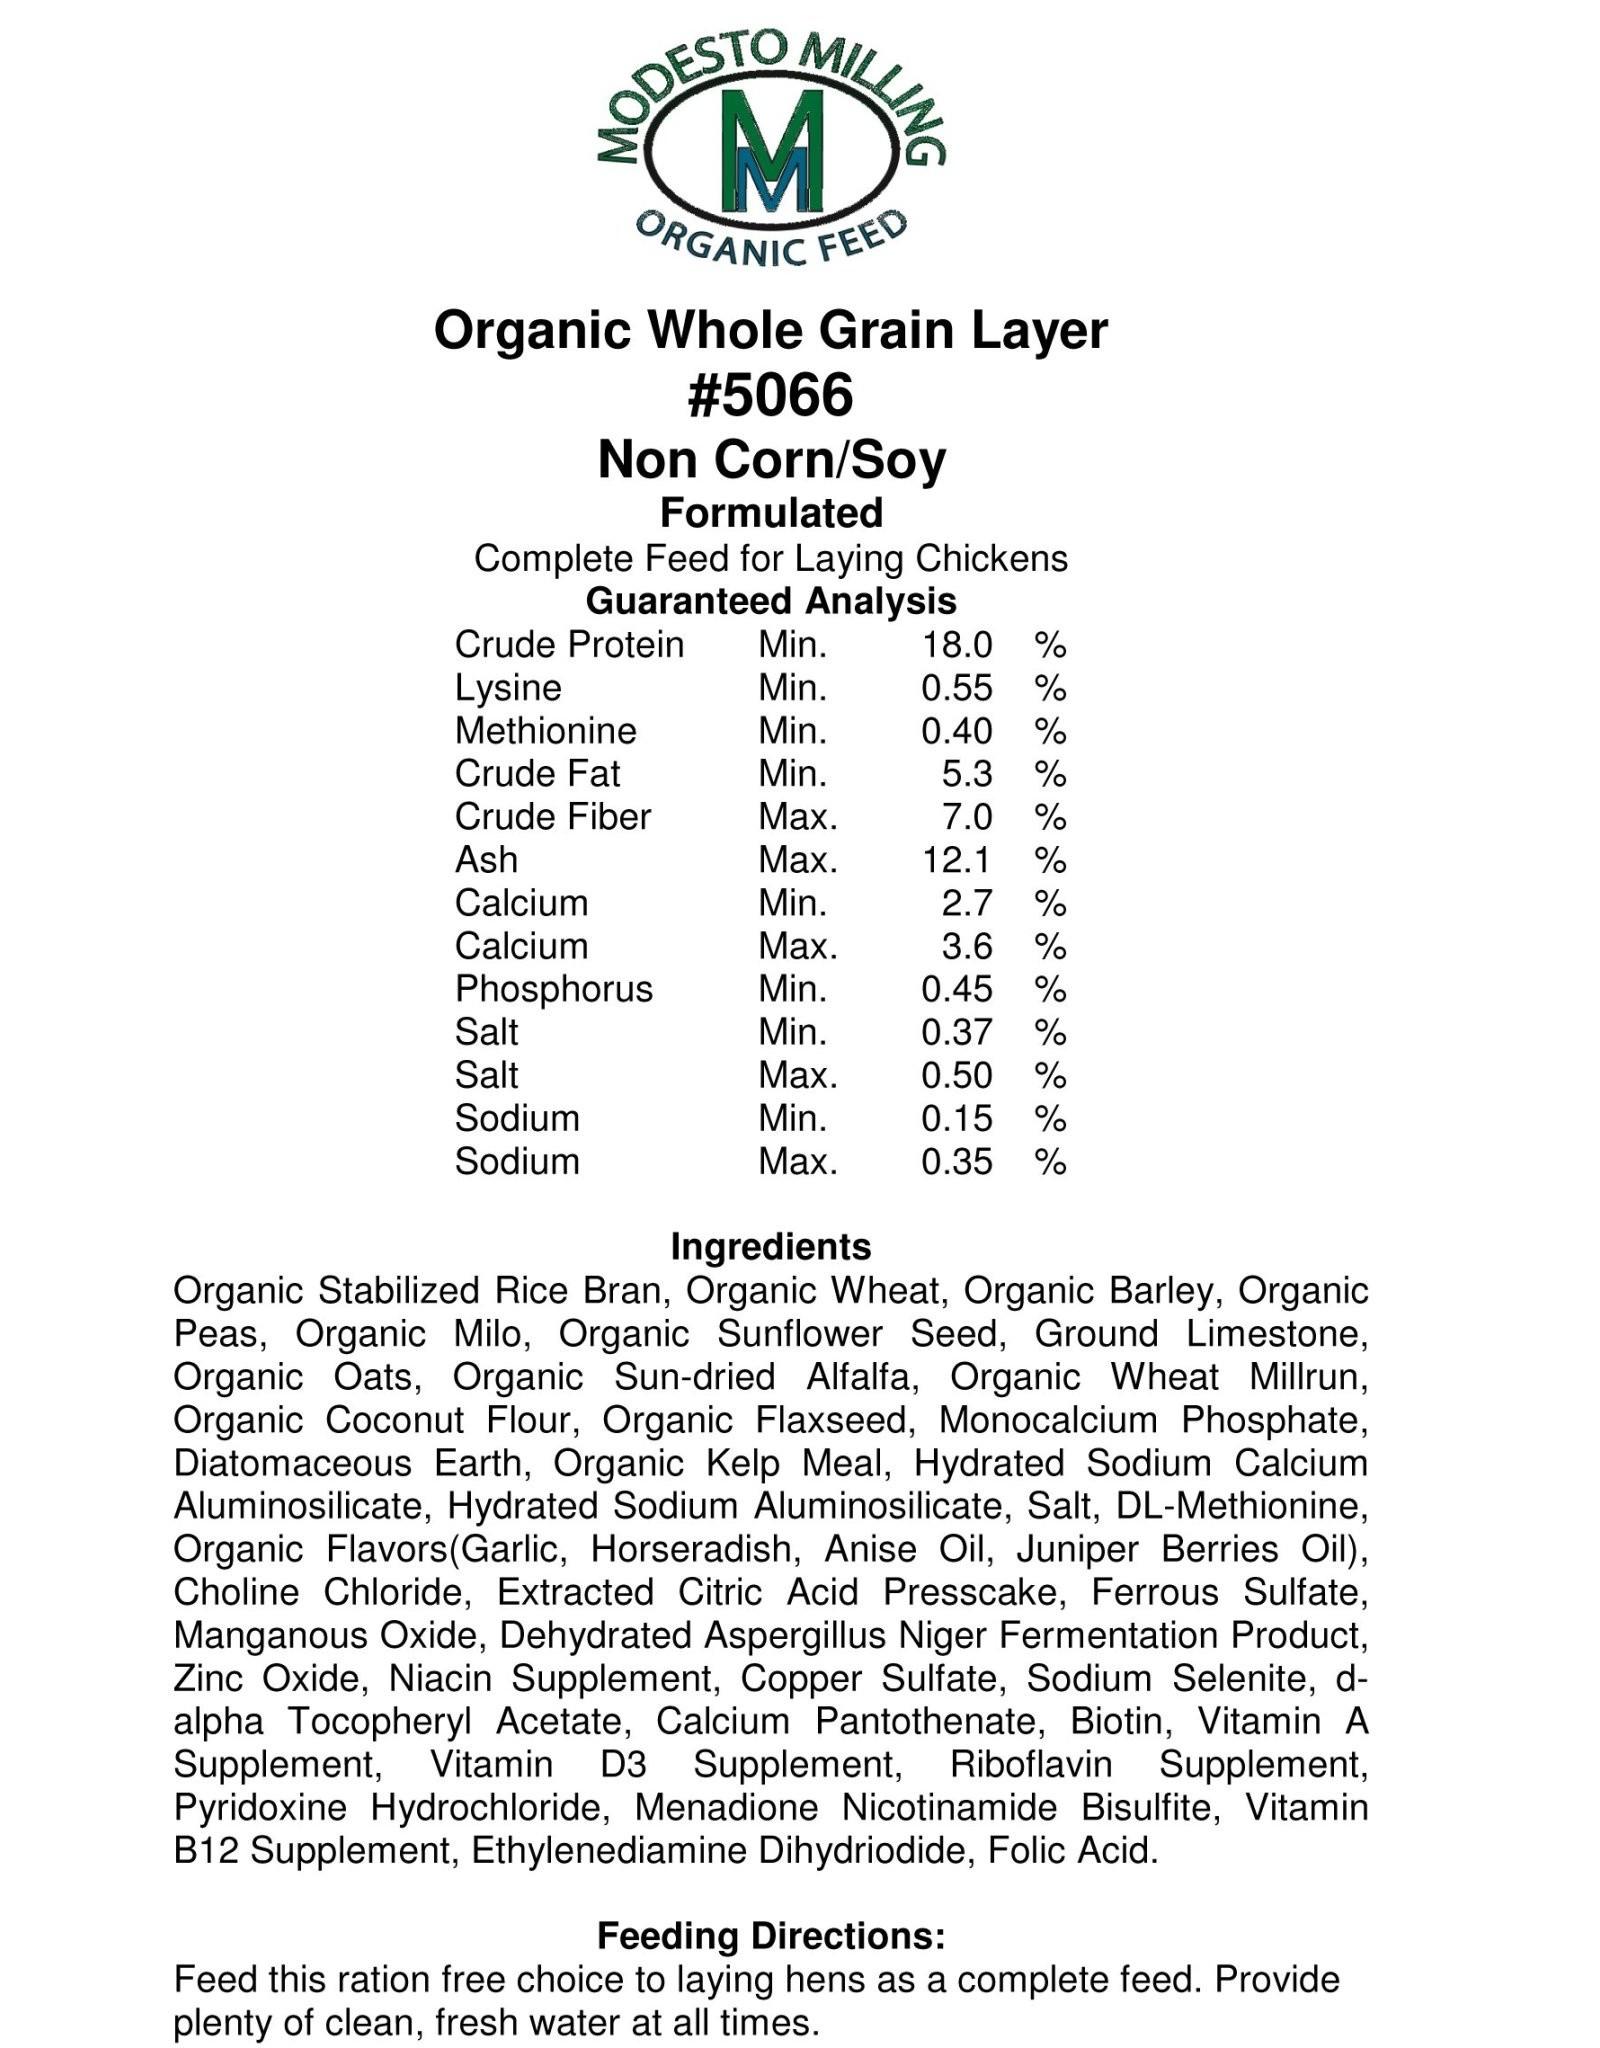 Modesto Milling Whole Grain Layer